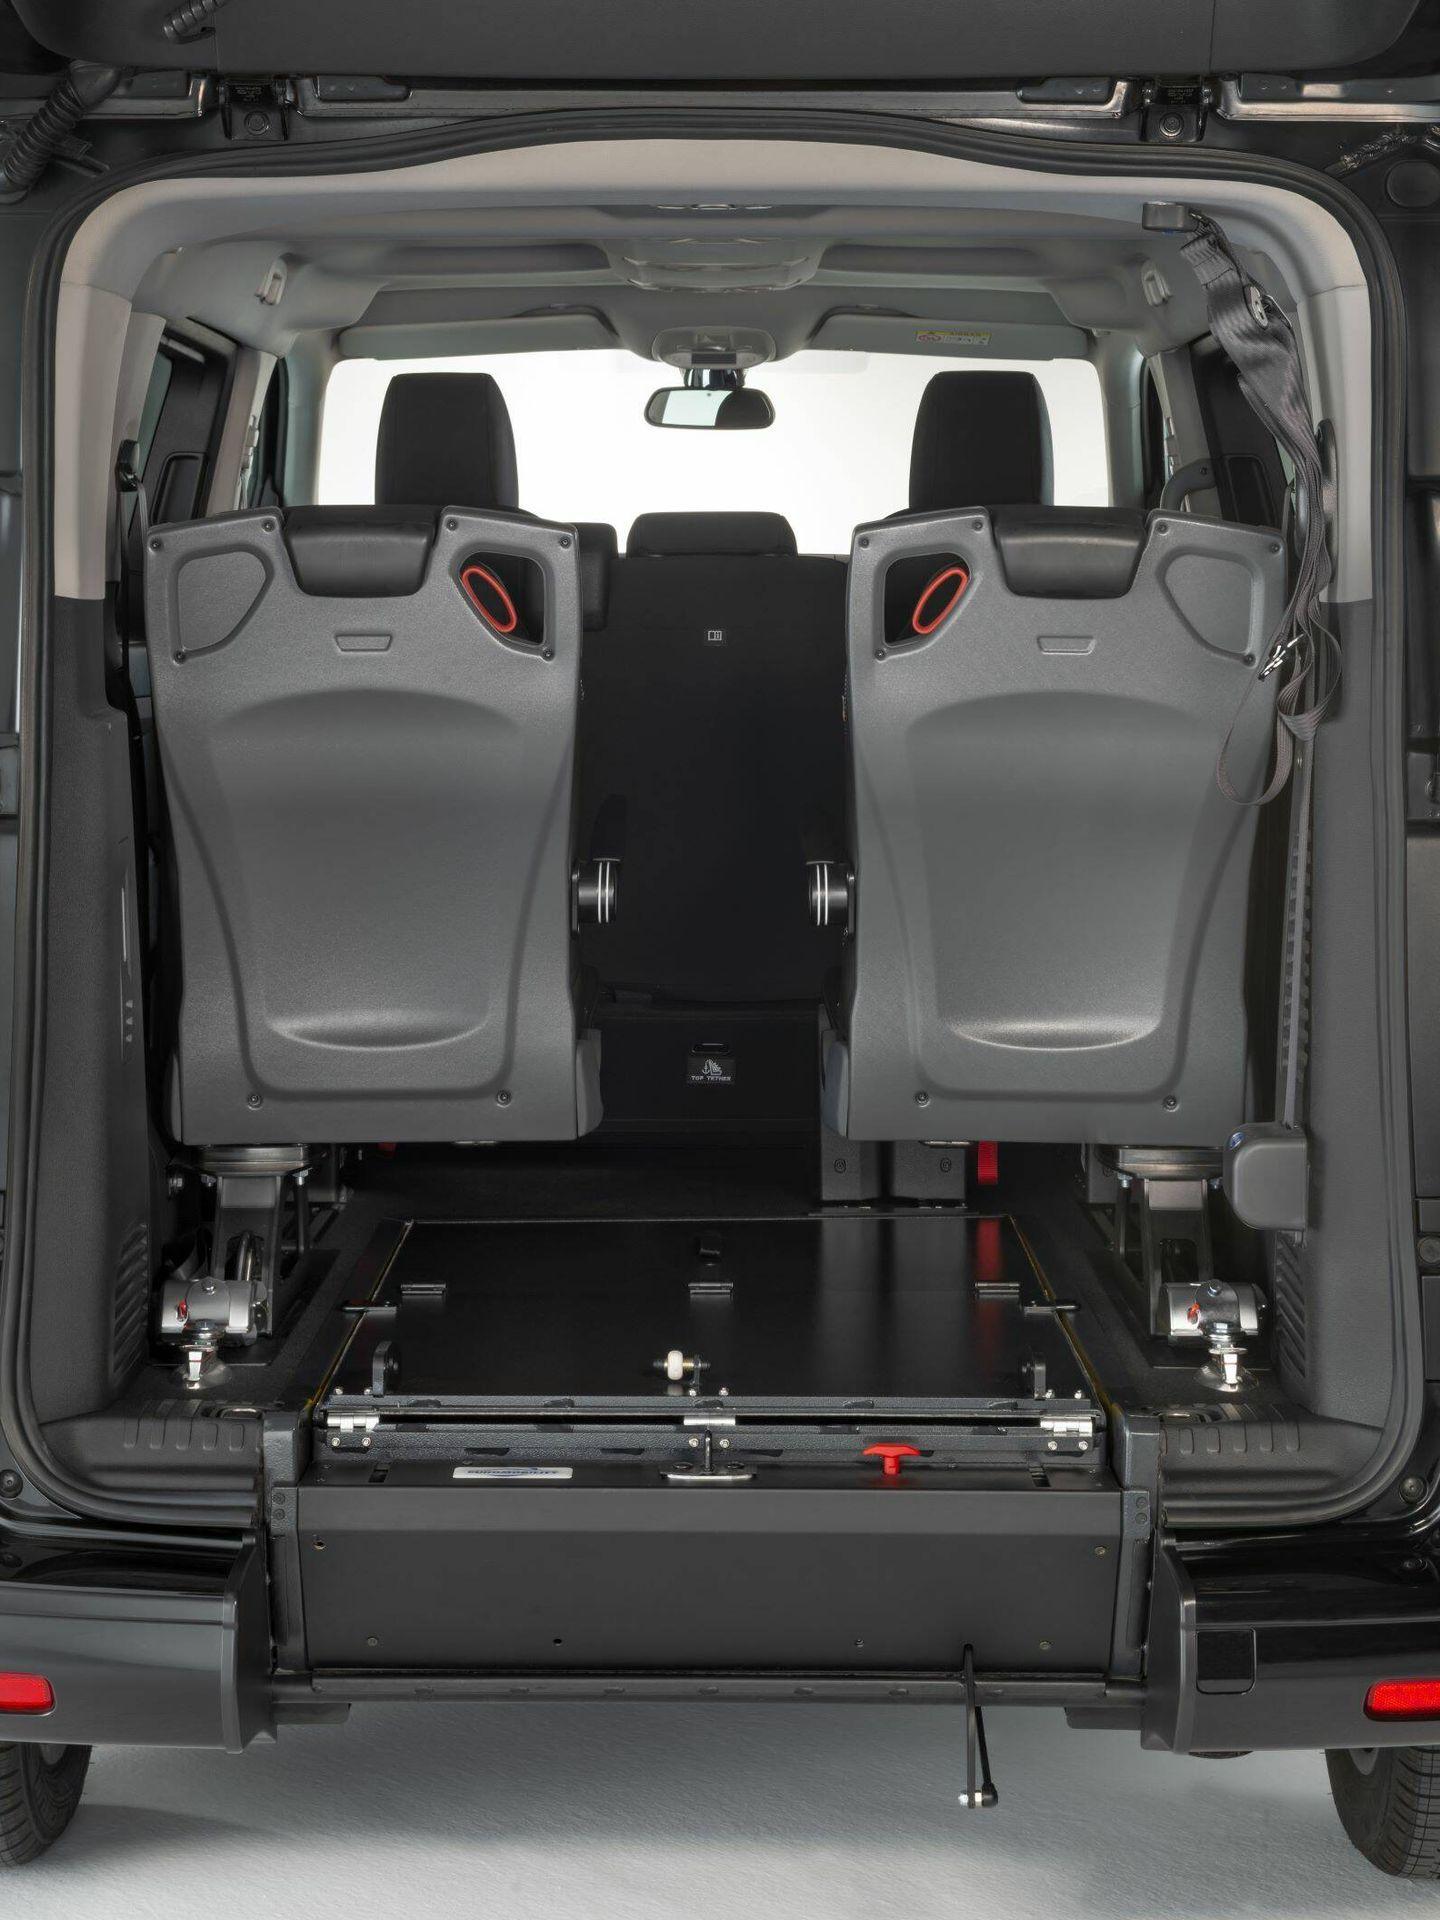 Entre el equipamiento opcional, figuran los asientos plegables laterales de la zona trasera, muy útiles cuando no se transporta un pasajero con silla de ruedas.